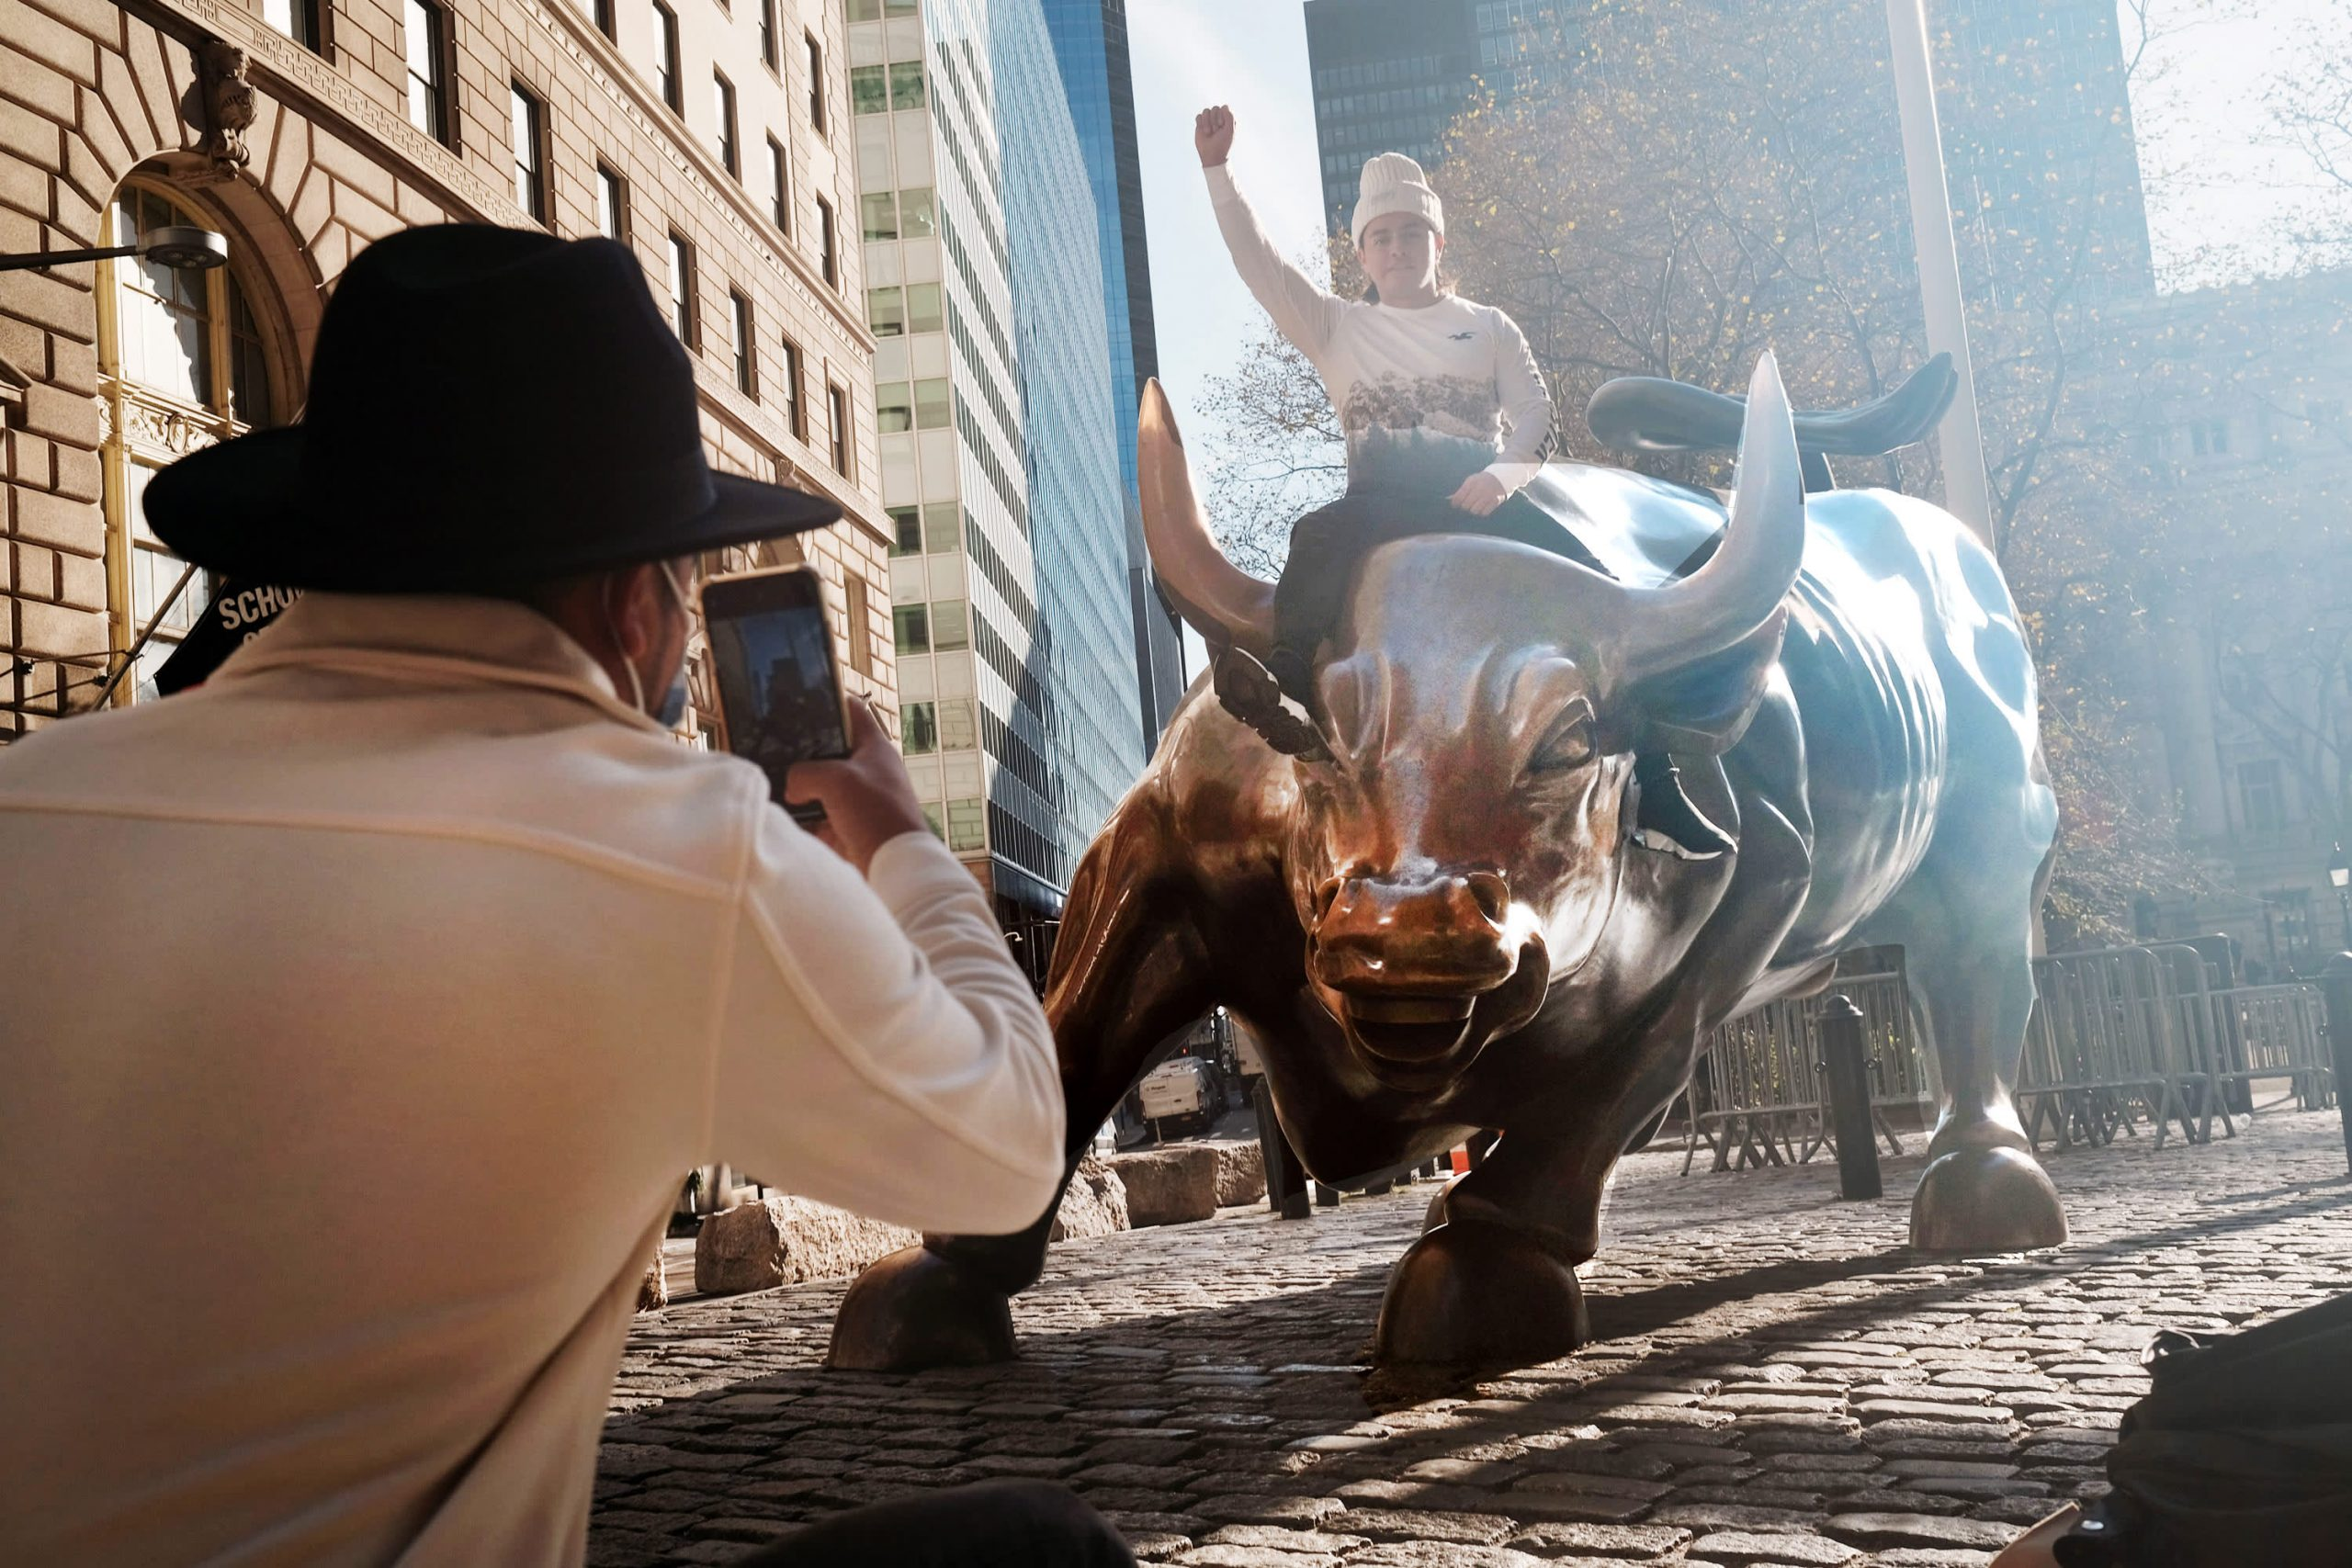 El patrimonio neto de los hogares sube a $ 136,9 billones, gracias a las grandes ganancias del mercado de valores